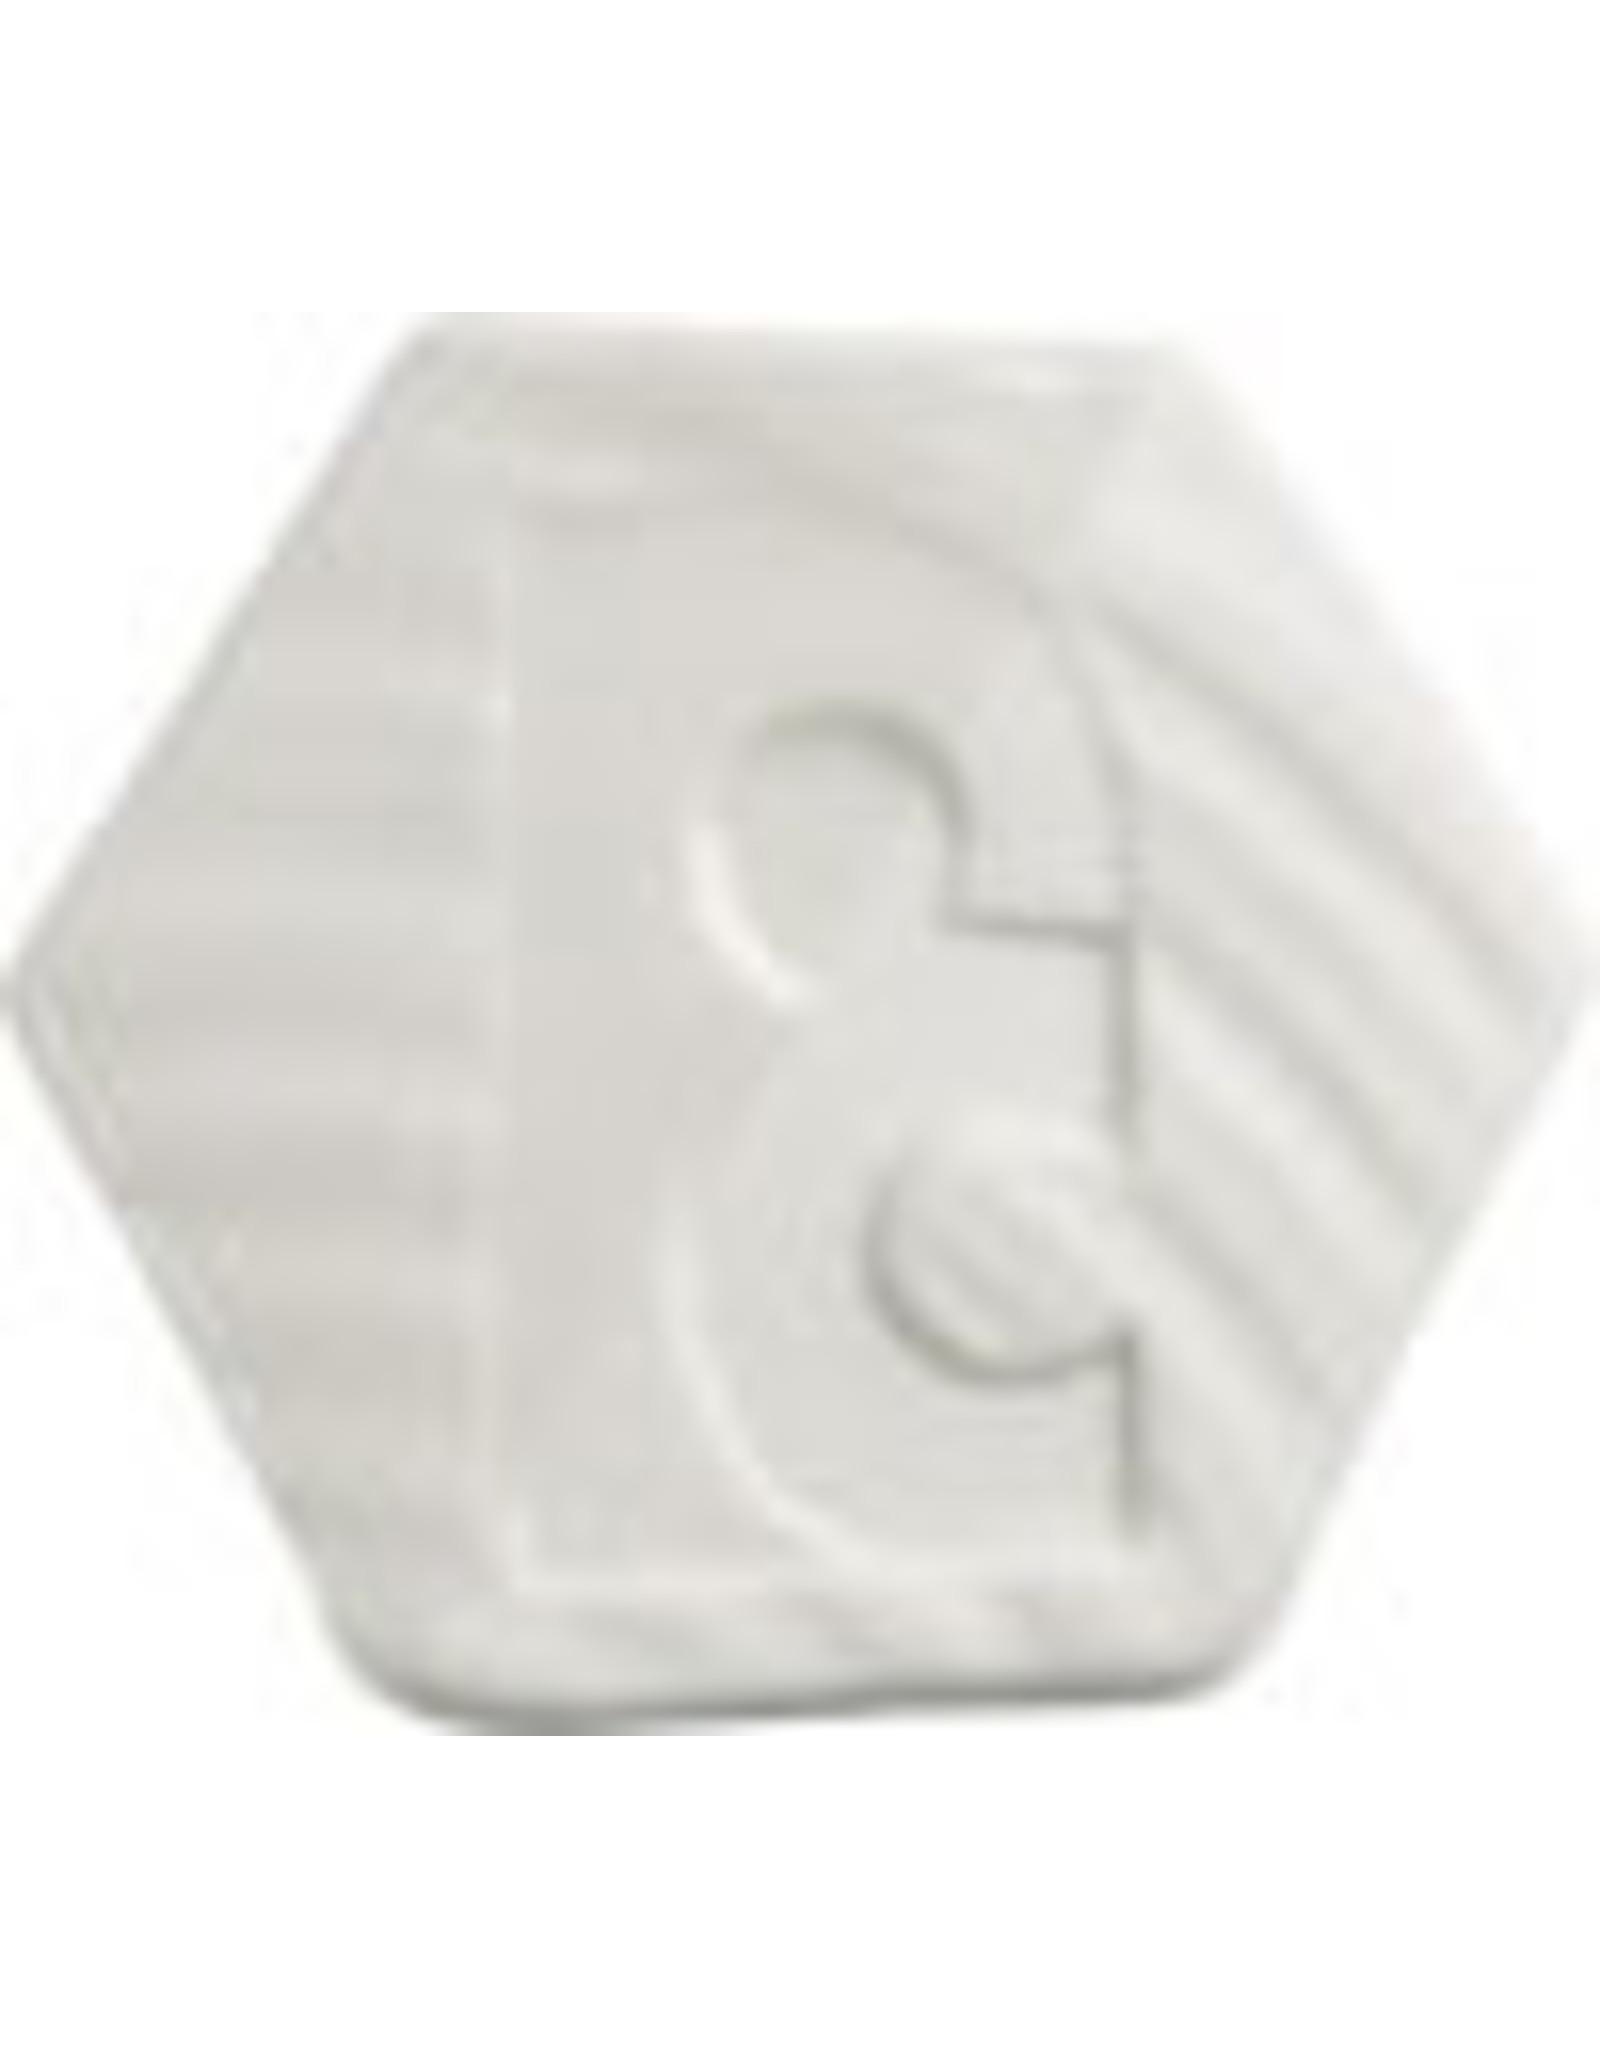 Valentines Potterycrafts Porcelain casting slip 1240°C - 1270°C 5 litres